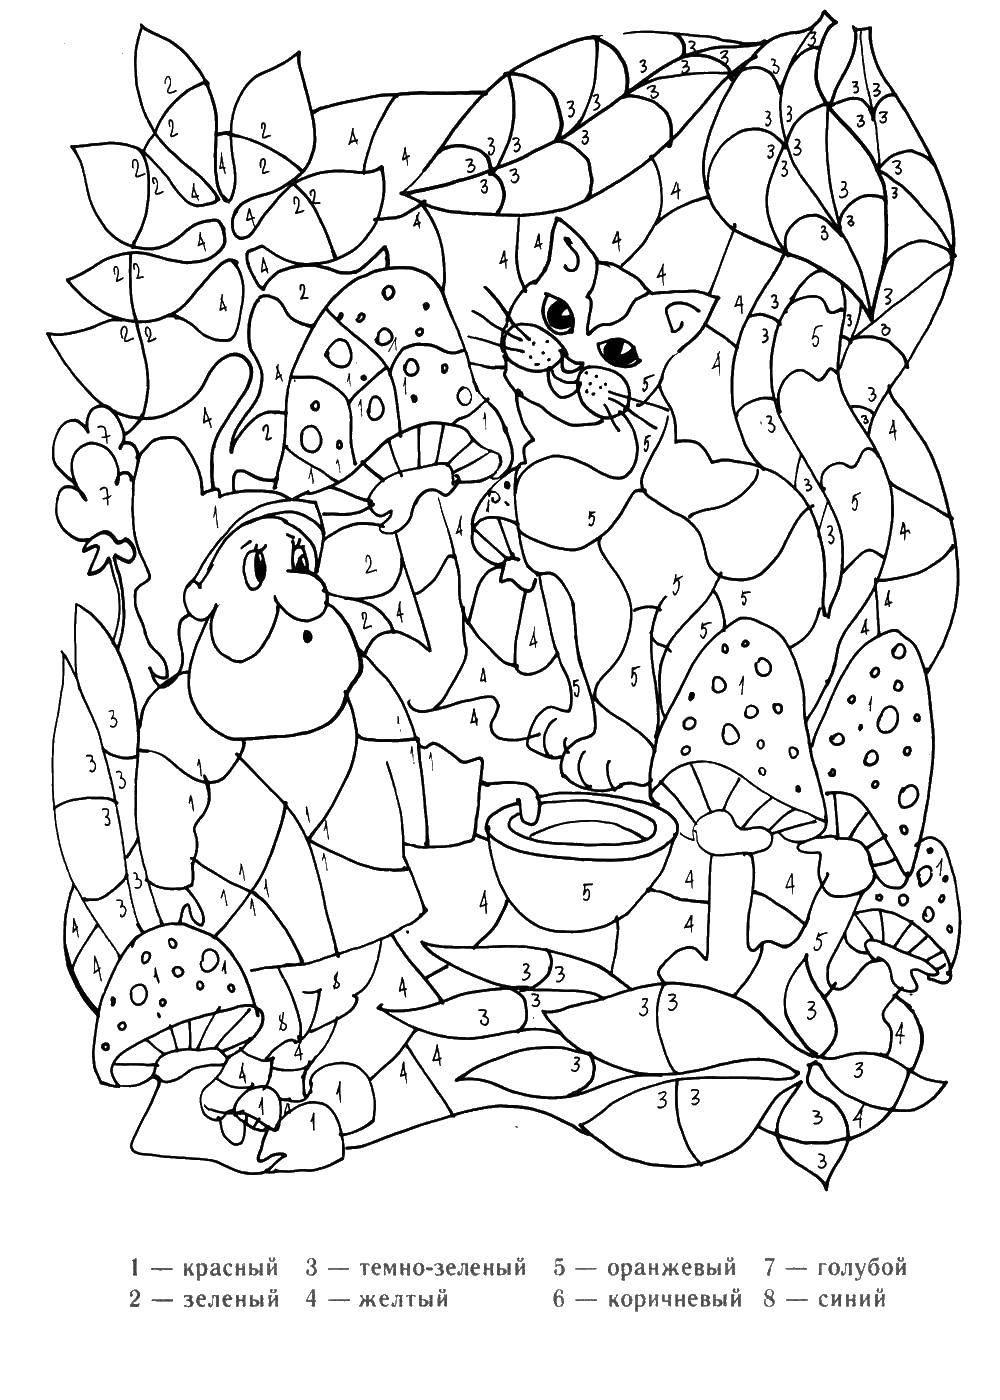 Раскраска Раскрась картинку по номерам Скачать ,номера, фигуры, кошка, старикк,.  Распечатать